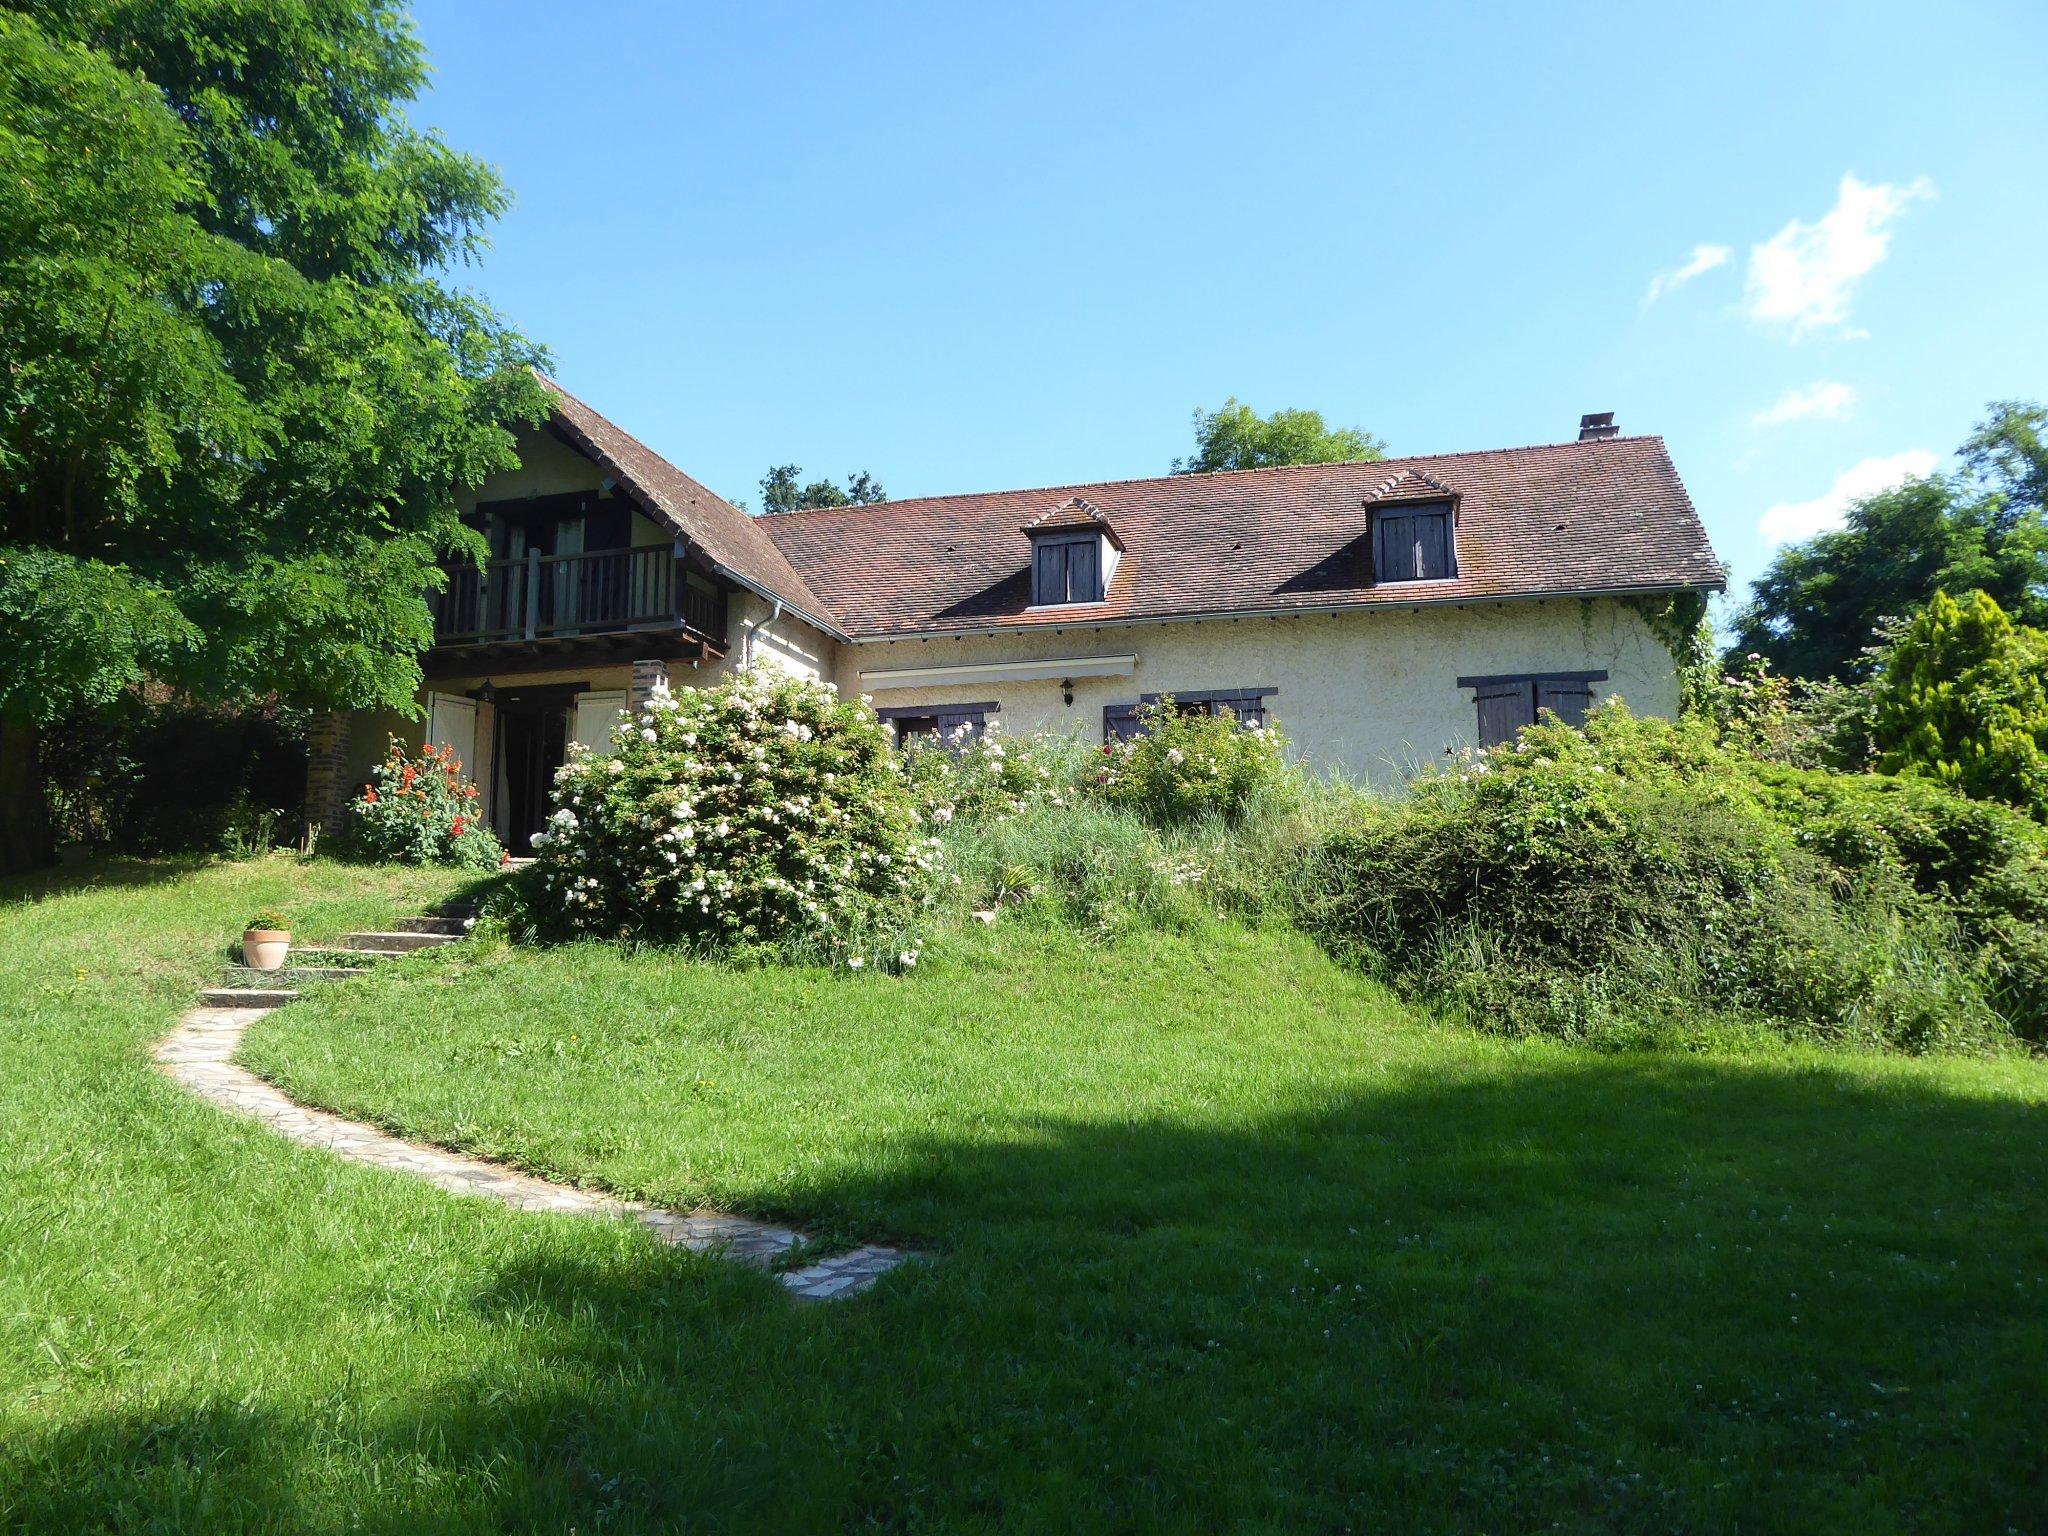 Maison 6 pièces - 190m² - BROUT VERNET